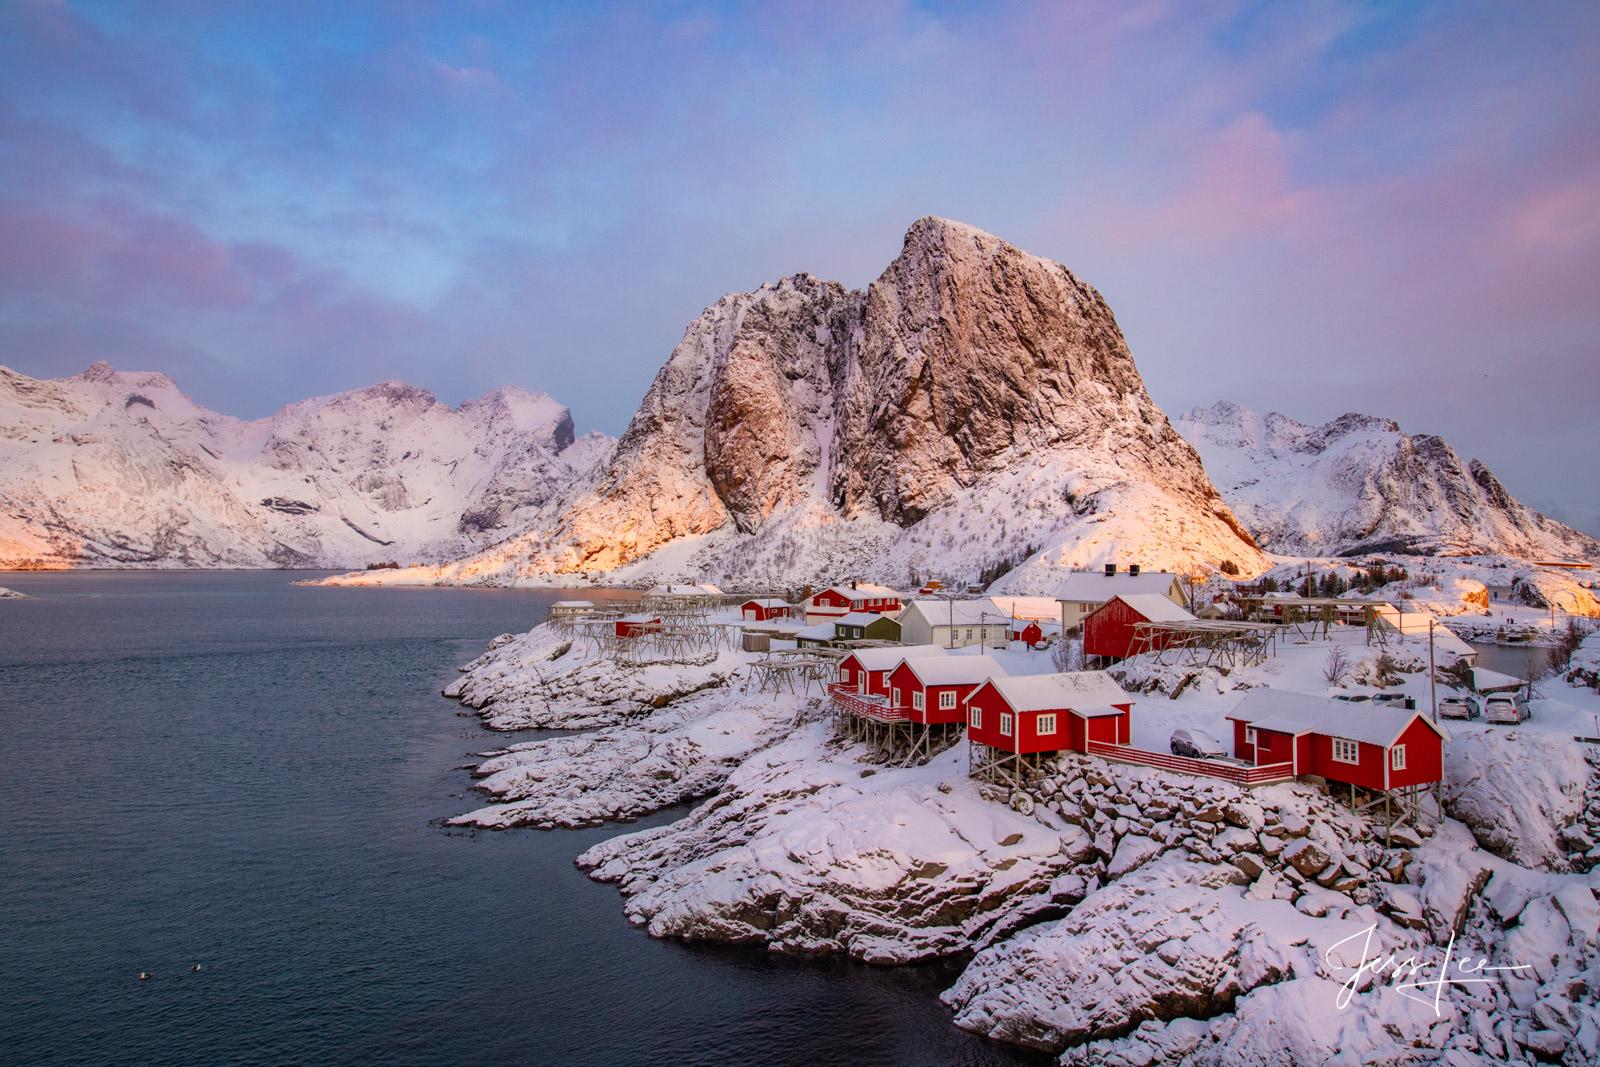 Sunrise in Lofoten, Norway